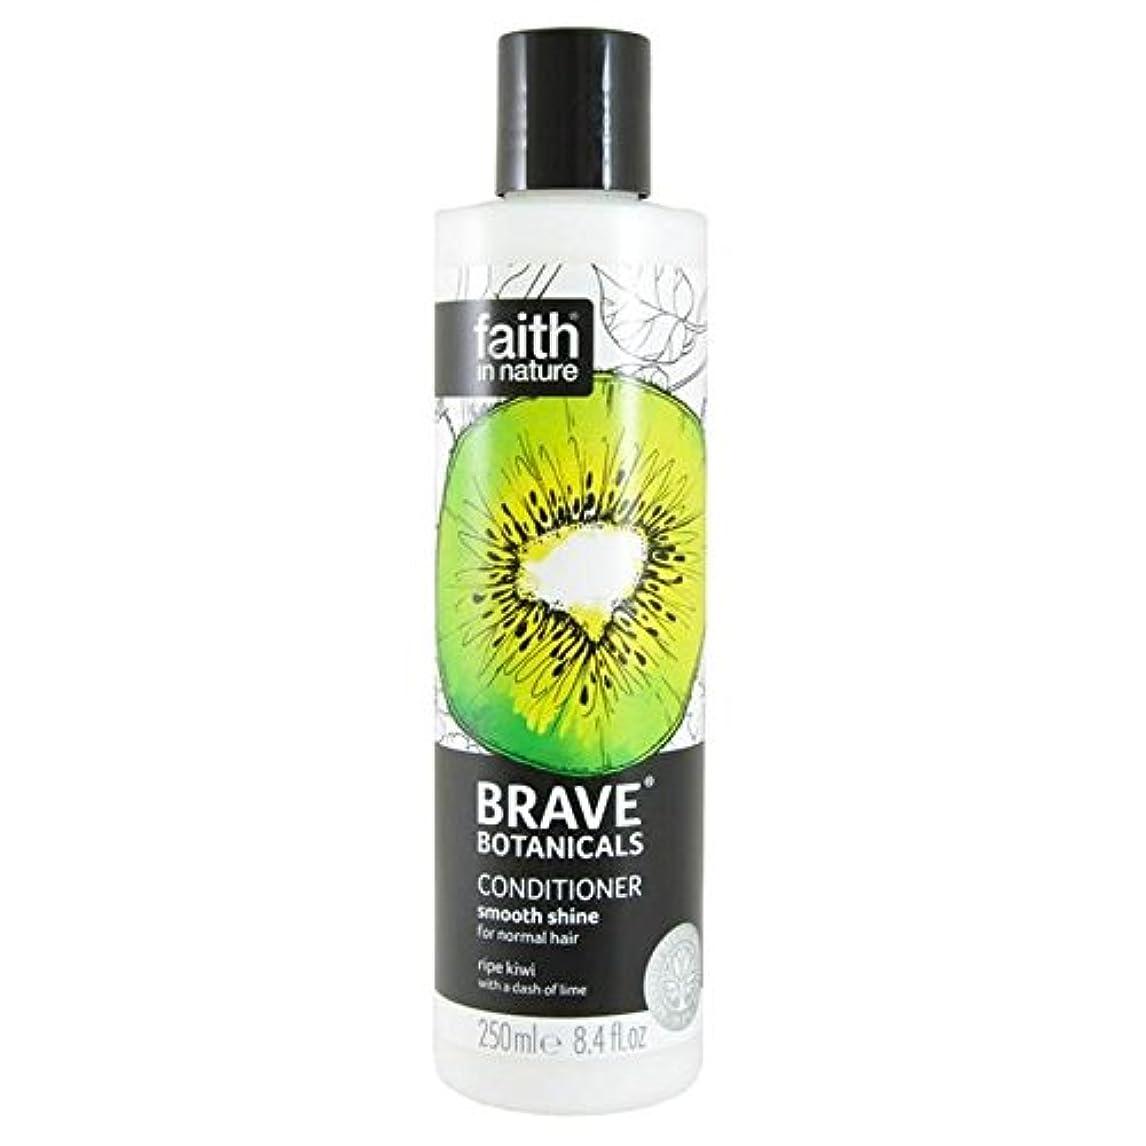 退化するピアース説得Brave Botanicals Kiwi & Lime Smooth Shine Conditioner 250ml (Pack of 4) - (Faith In Nature) 勇敢な植物キウイ&ライムなめらかな輝...